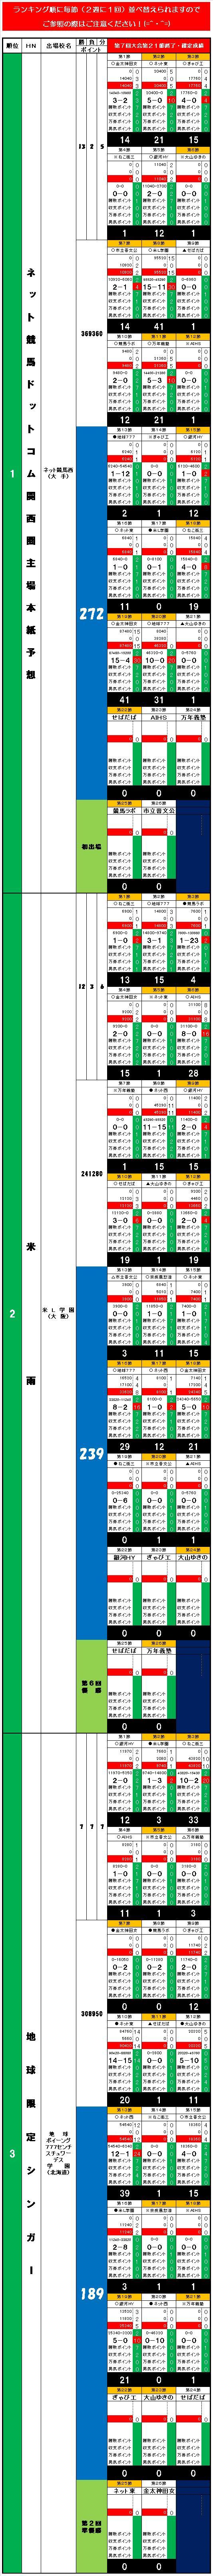 20160412・ダルマンリーグ第21節後半終了個人成績データ①.jpg